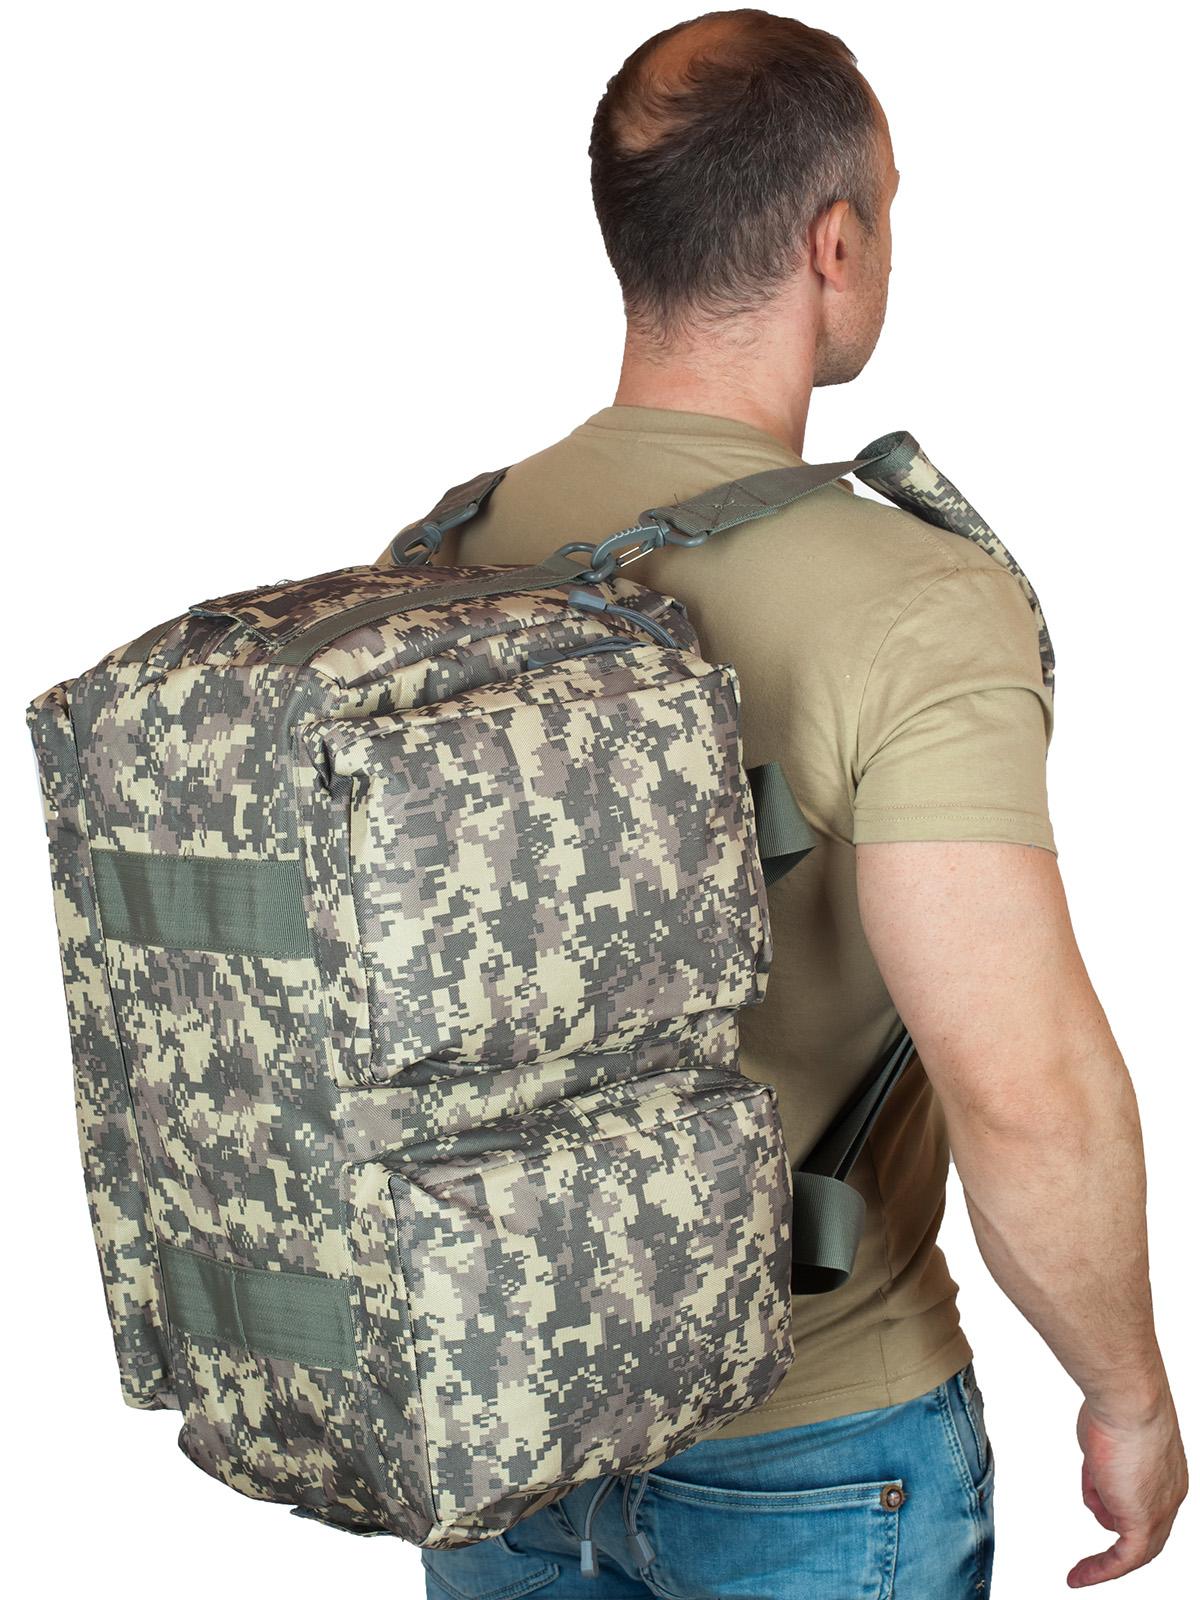 Купить походную камуфляжную сумку с нашивкой ФСБ по экономичной цене